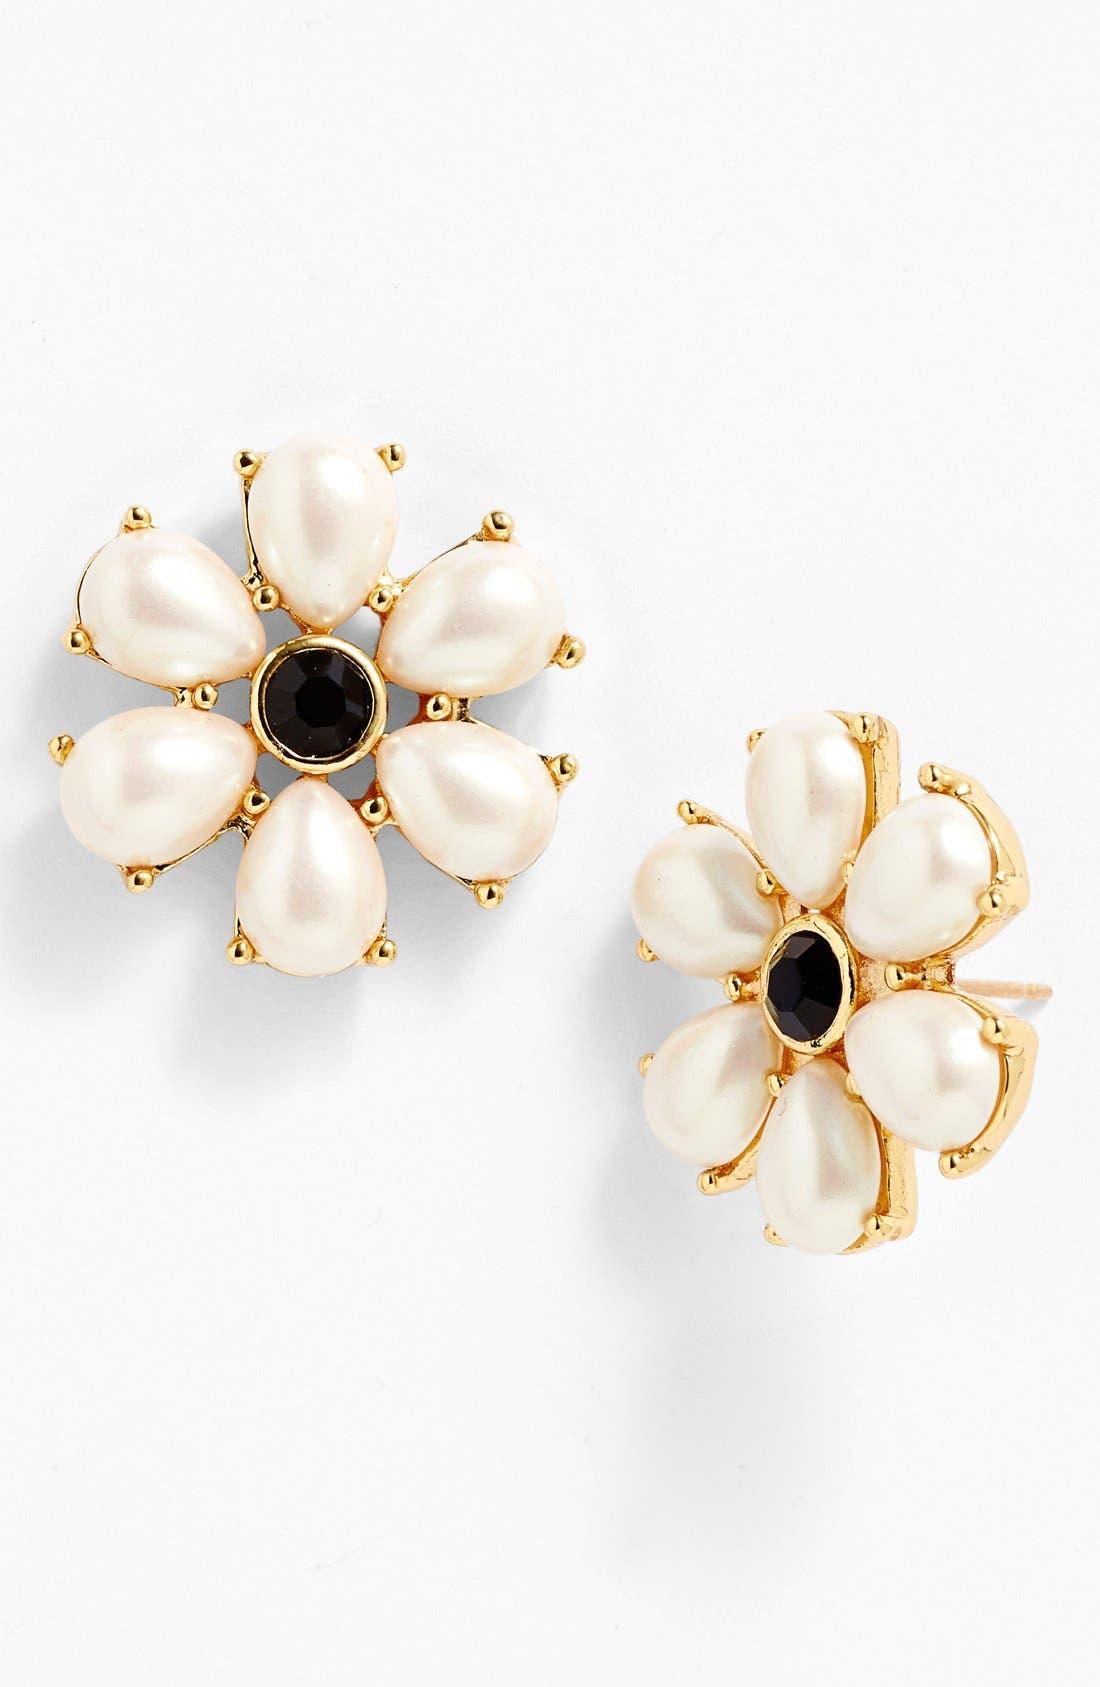 Main Image - kate spade new york 'lady antoinette' stud earrings